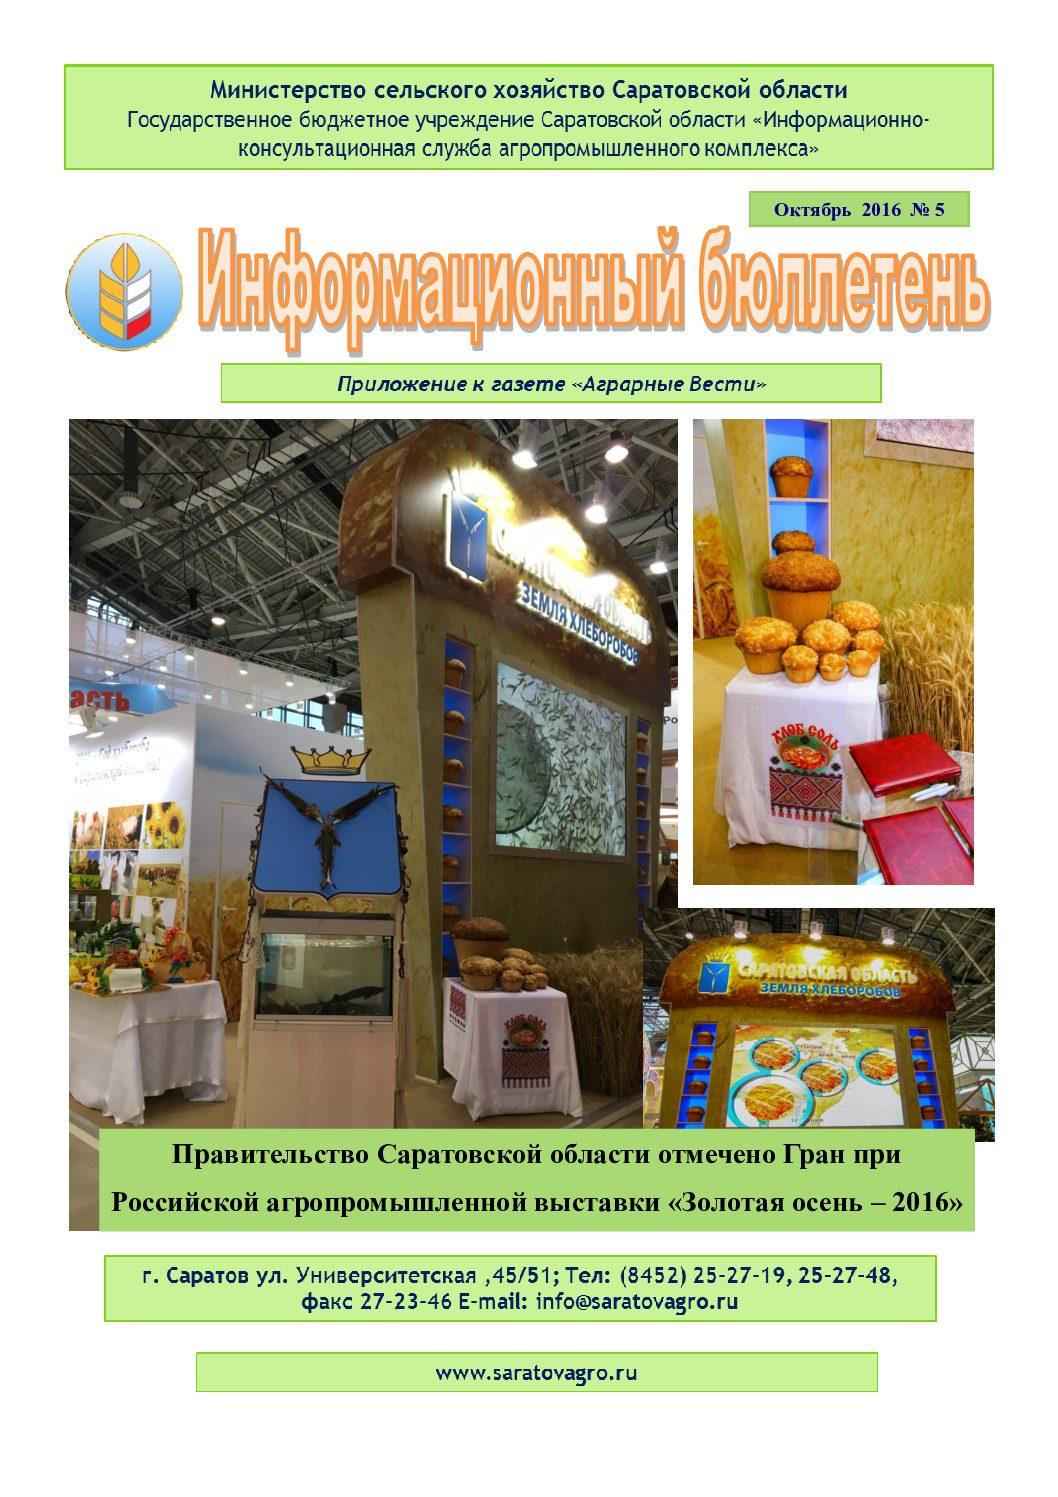 https://saratovagro.ru/wp-content/uploads/2020/08/№5-октябрь-pdf.jpg